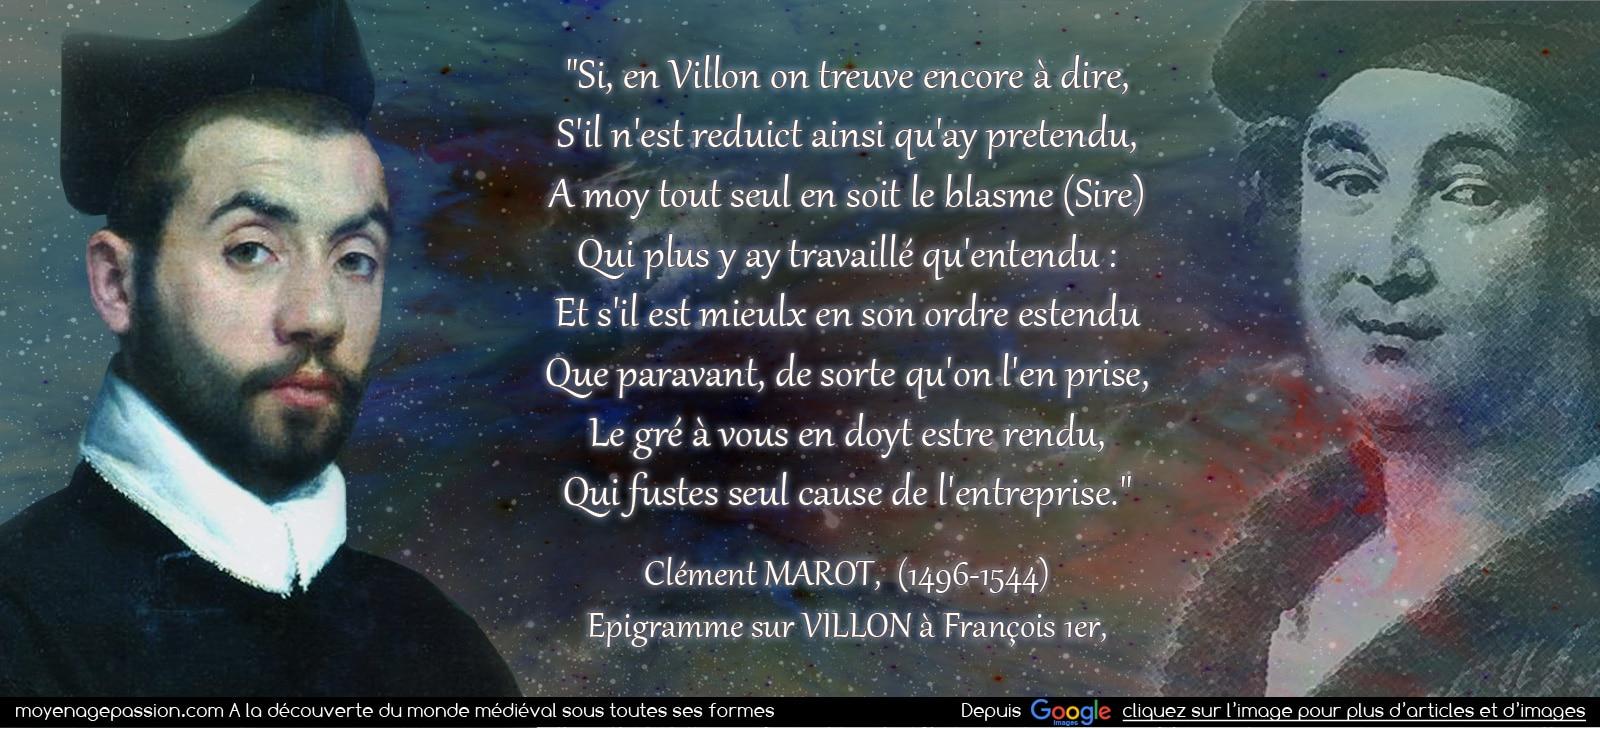 poesie_litterature_citation_medievale_epigramme_clement_marot_francois_villon_moyen-age_tardif_renaissance